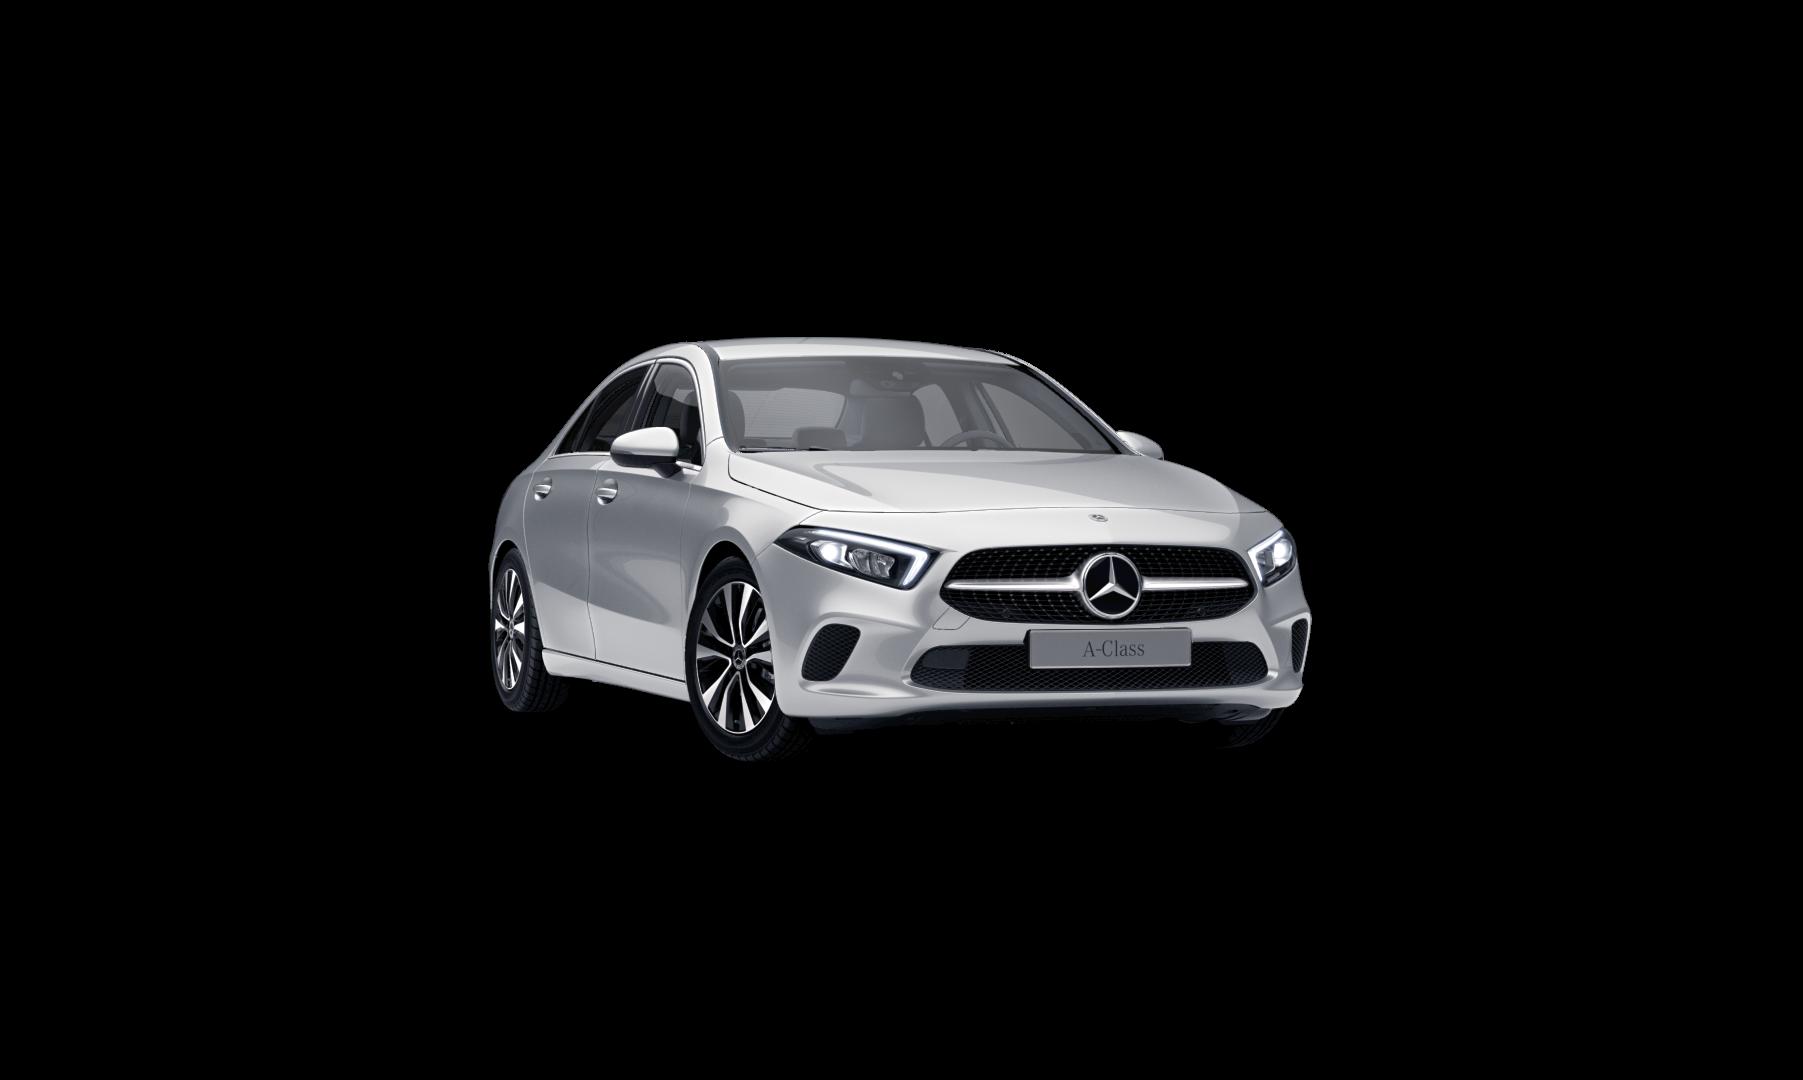 Mercedes Benz Classe A Berline noire Finition Style : Vue de trois quarts de profil à l'arrêt